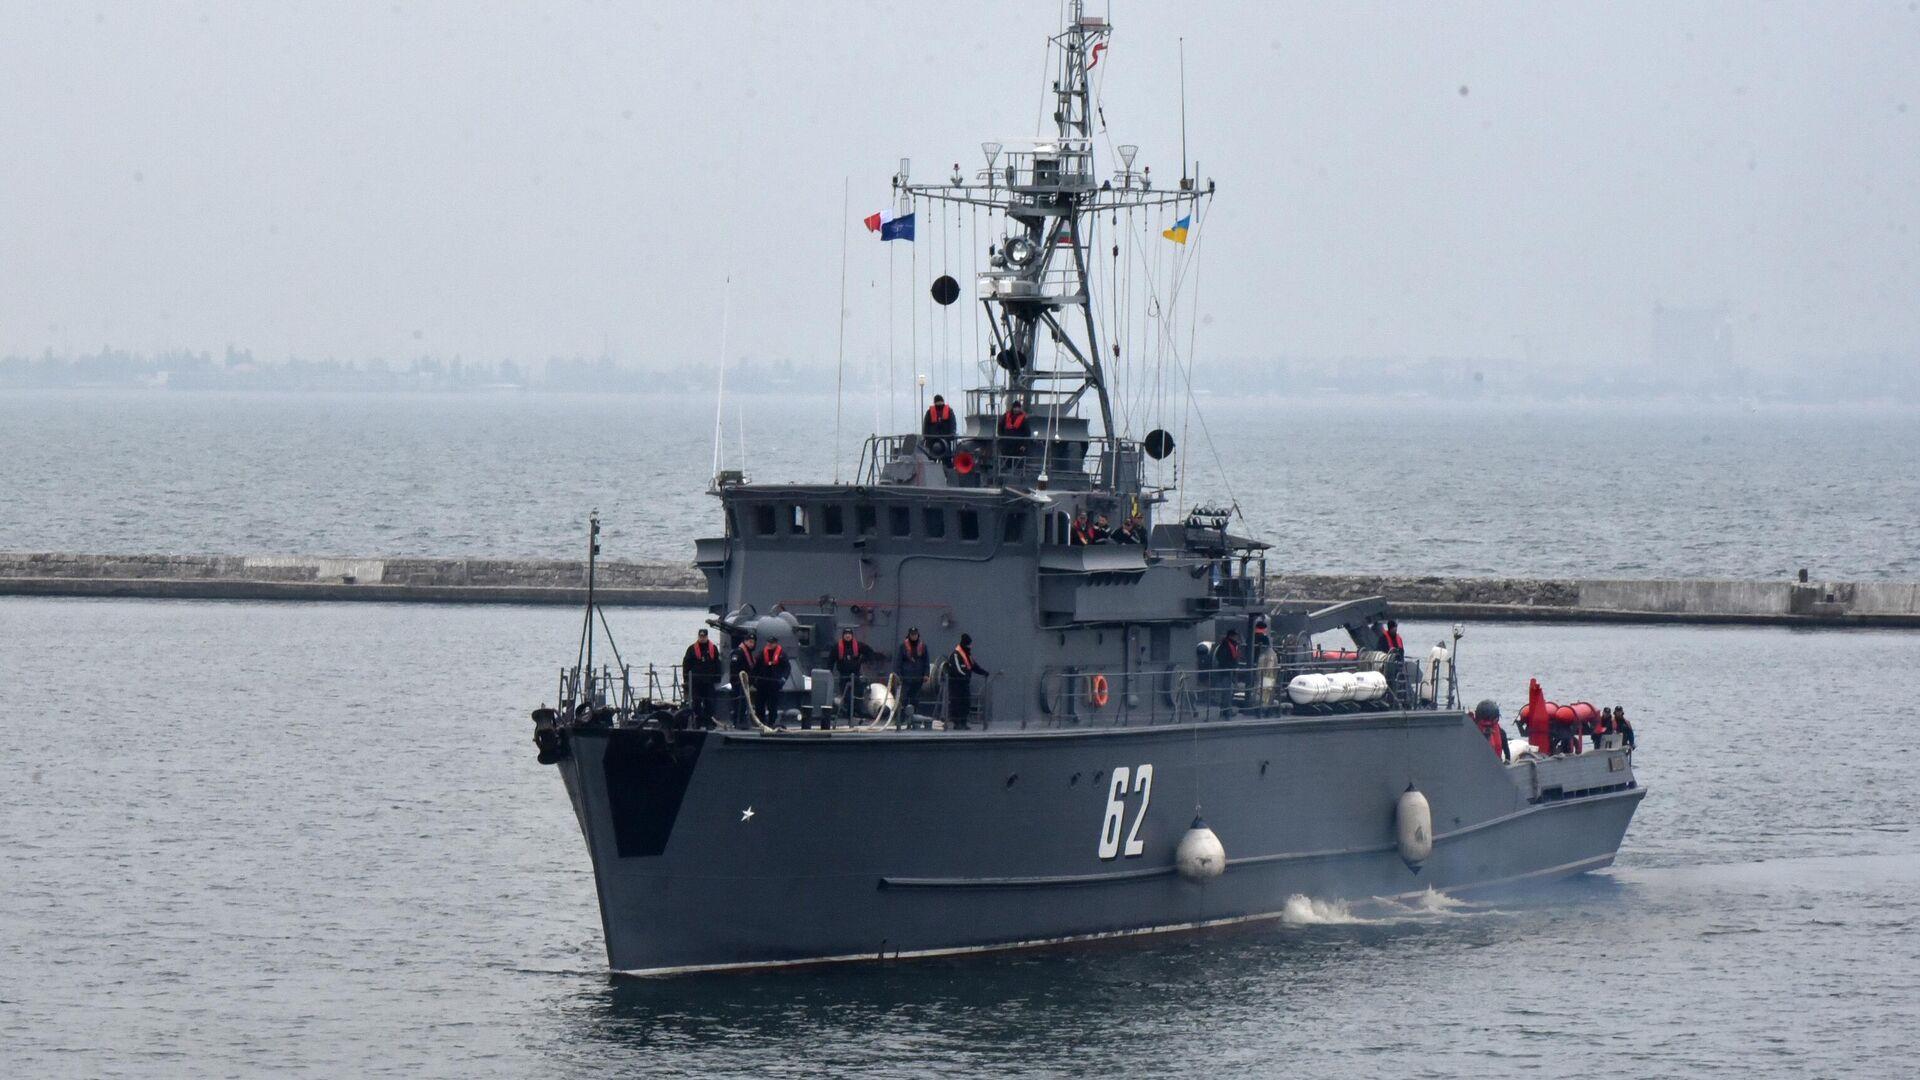 Один из четырех противоминных кораблей НАТО  входит в порт Одессы - РИА Новости, 1920, 19.11.2020